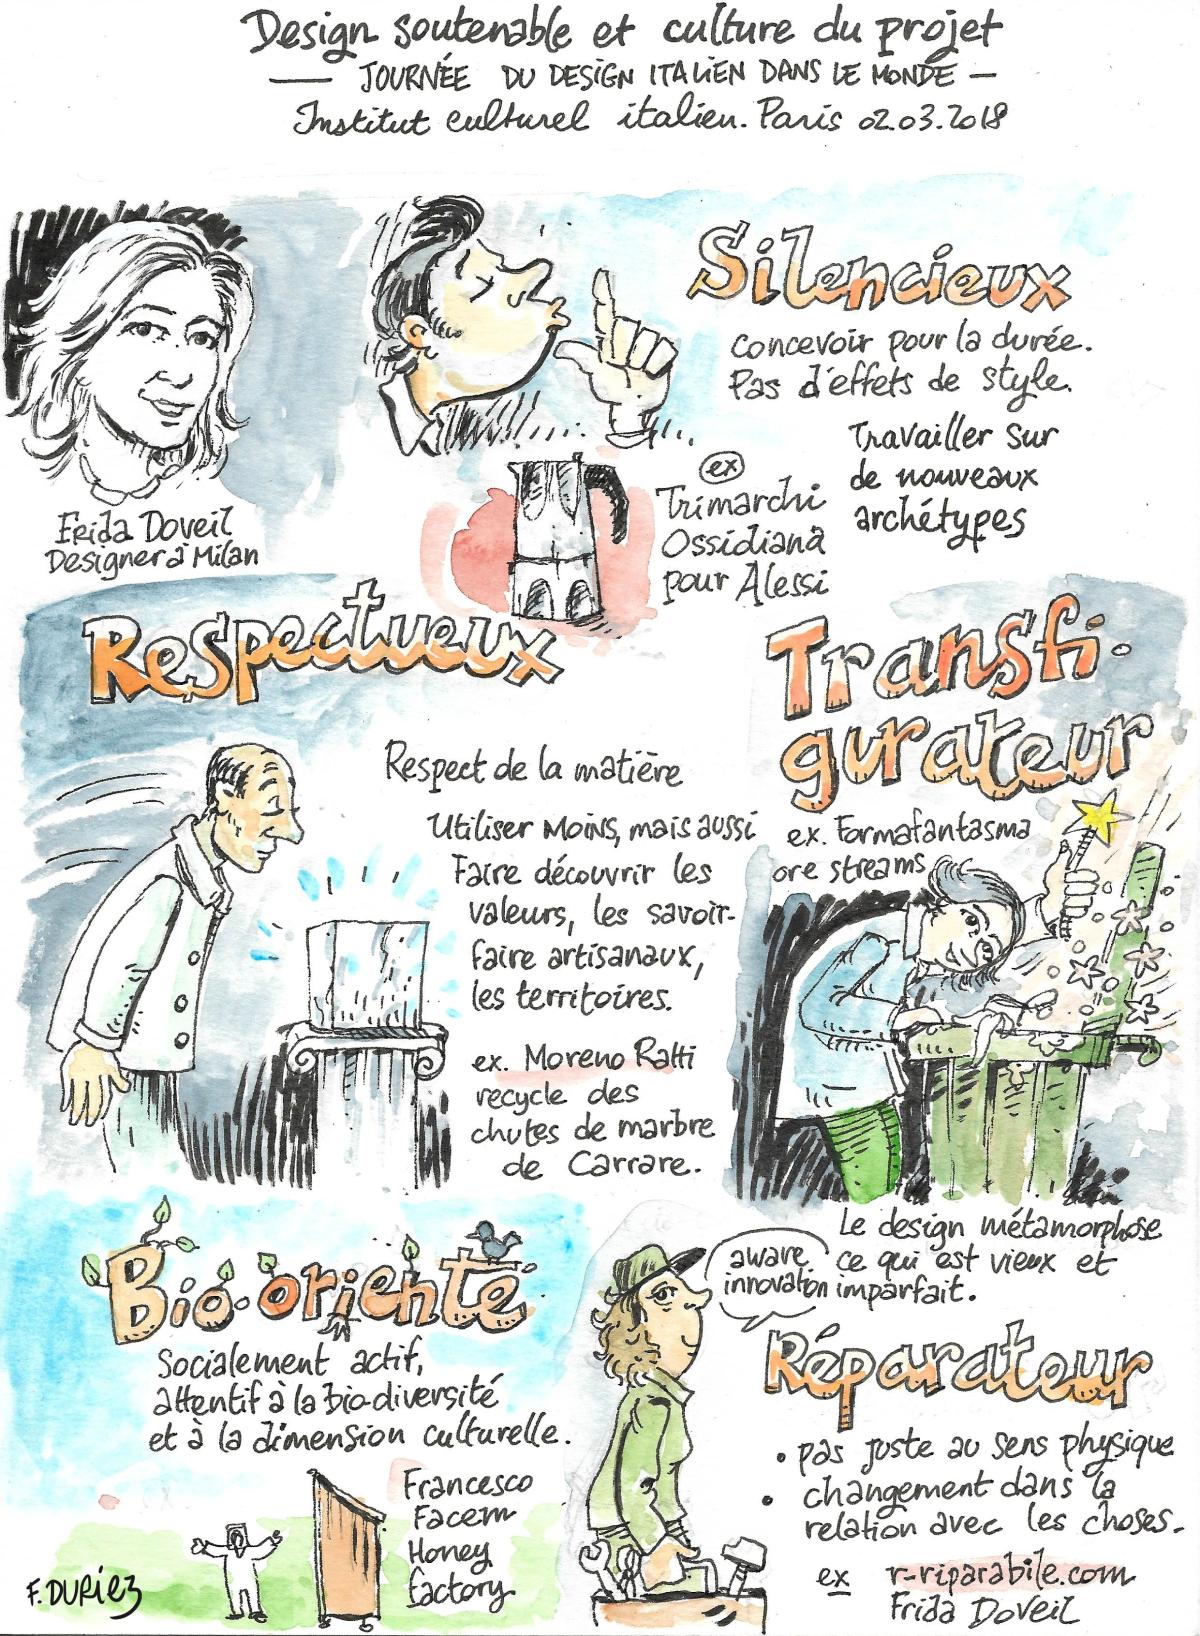 Frida Doveil : les facettes du designer (suite)